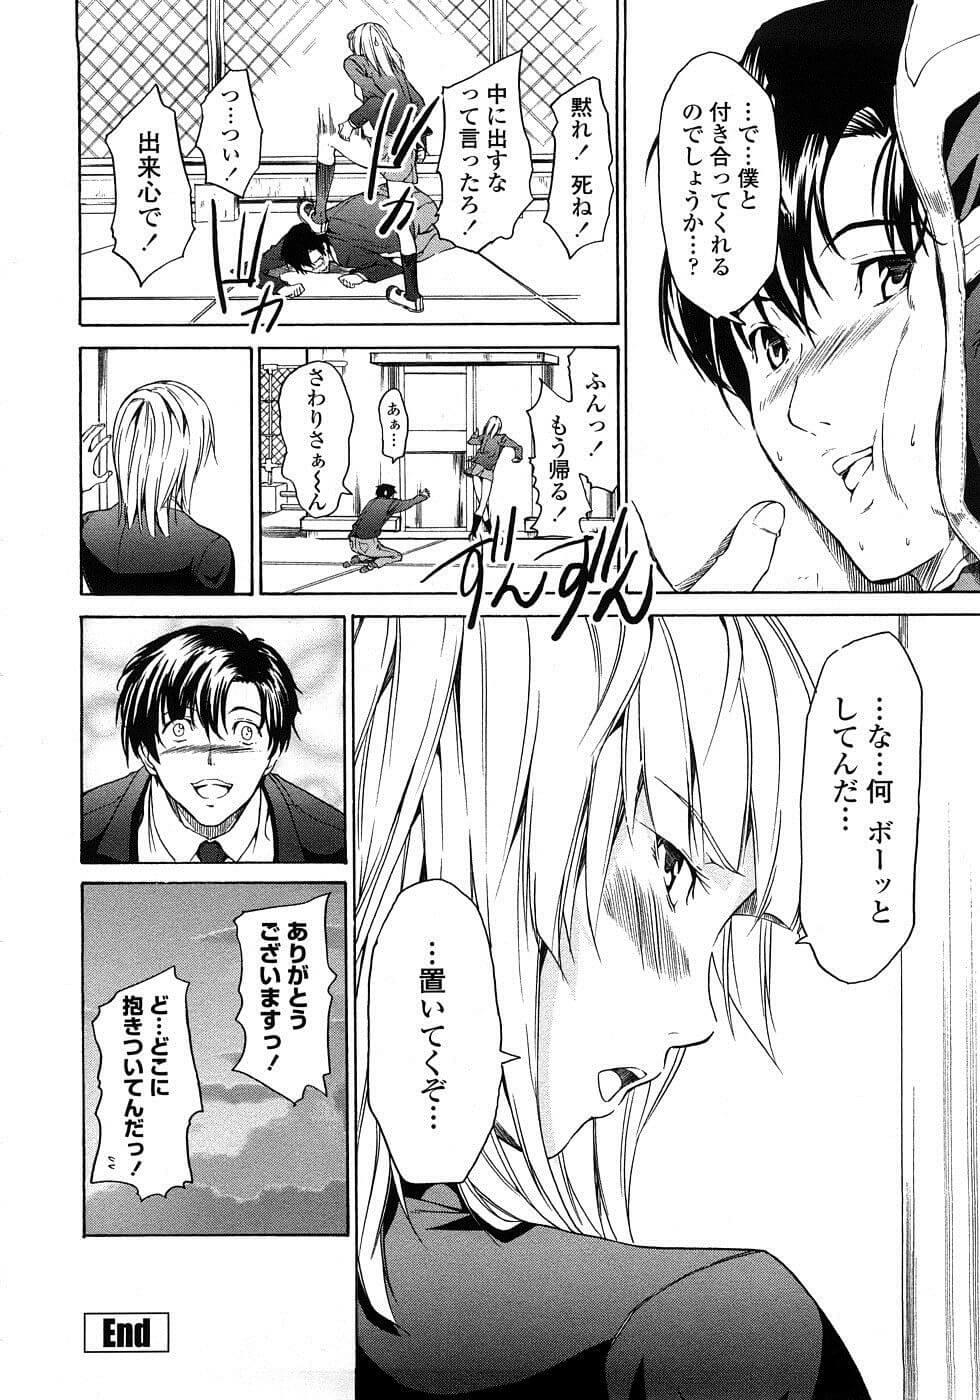 【エロ漫画】学校ではまわりの人間から怖がられているツンデレな不良JKは、最近ある男子から何度も付き合ってくれと告白されていて…【無料 エロ同人】 (16)